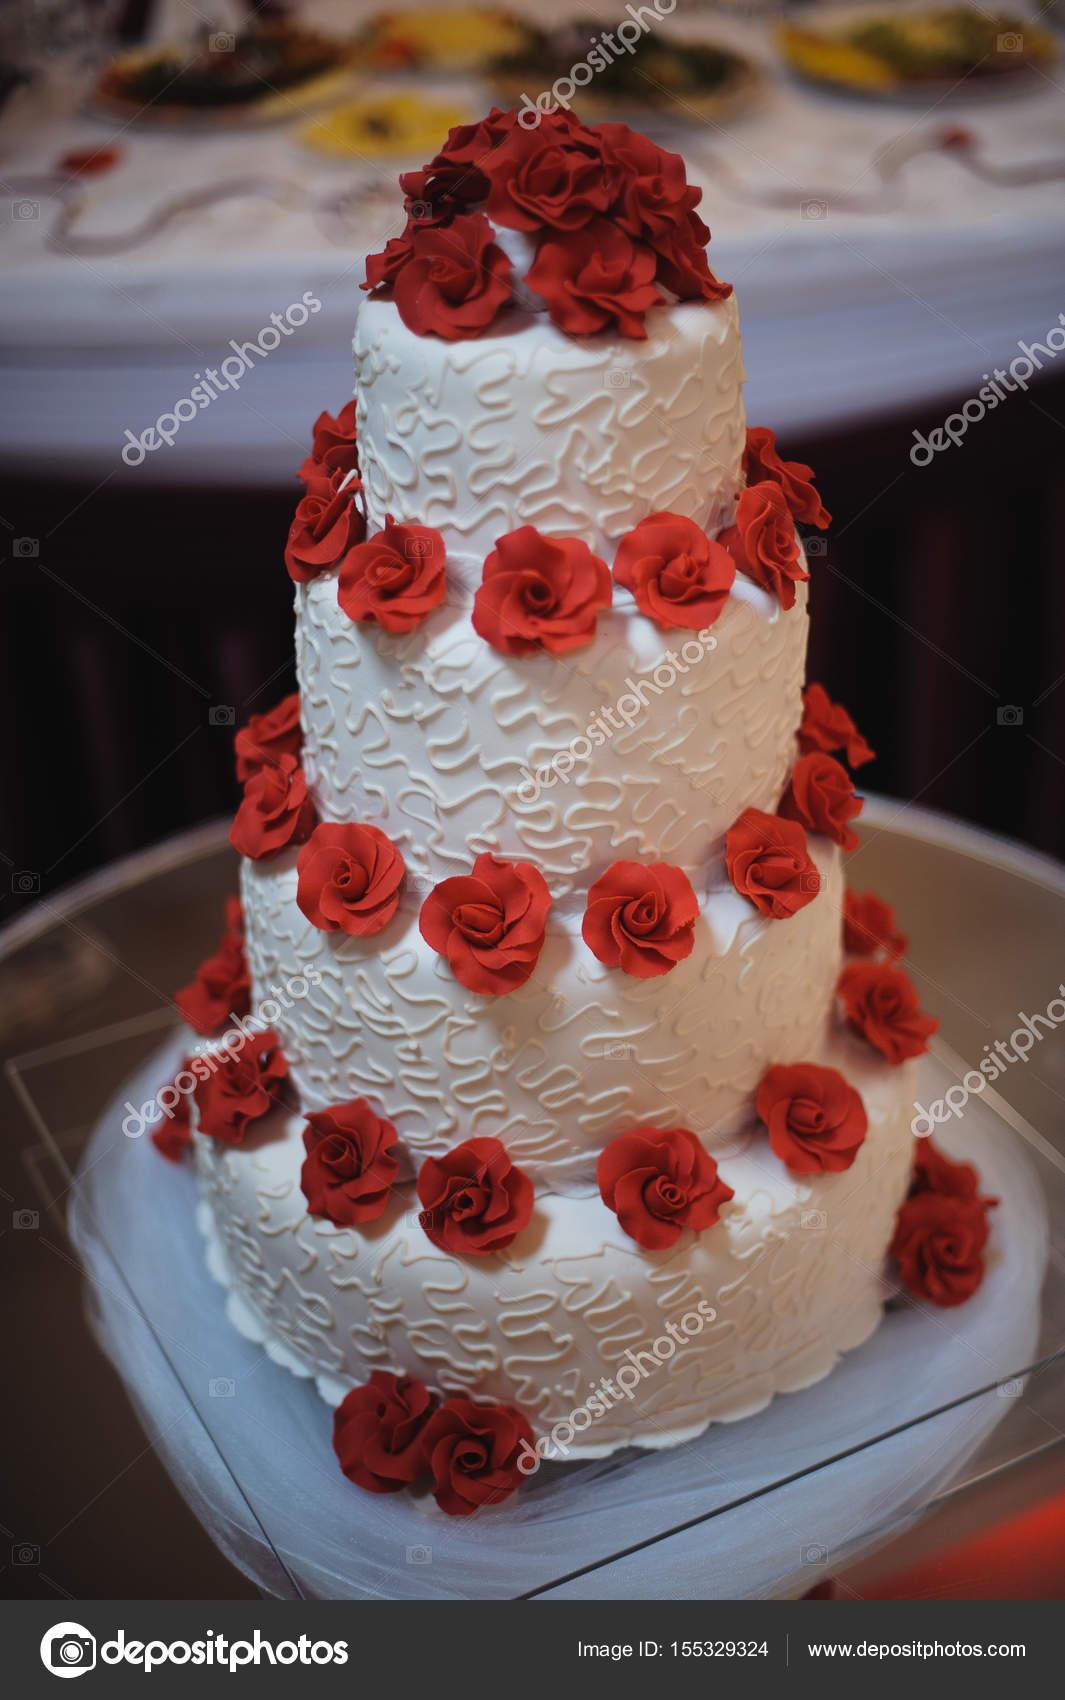 Weisse Hochzeitstorte Rote Blumen Dekorieren Stockfoto C Stebel